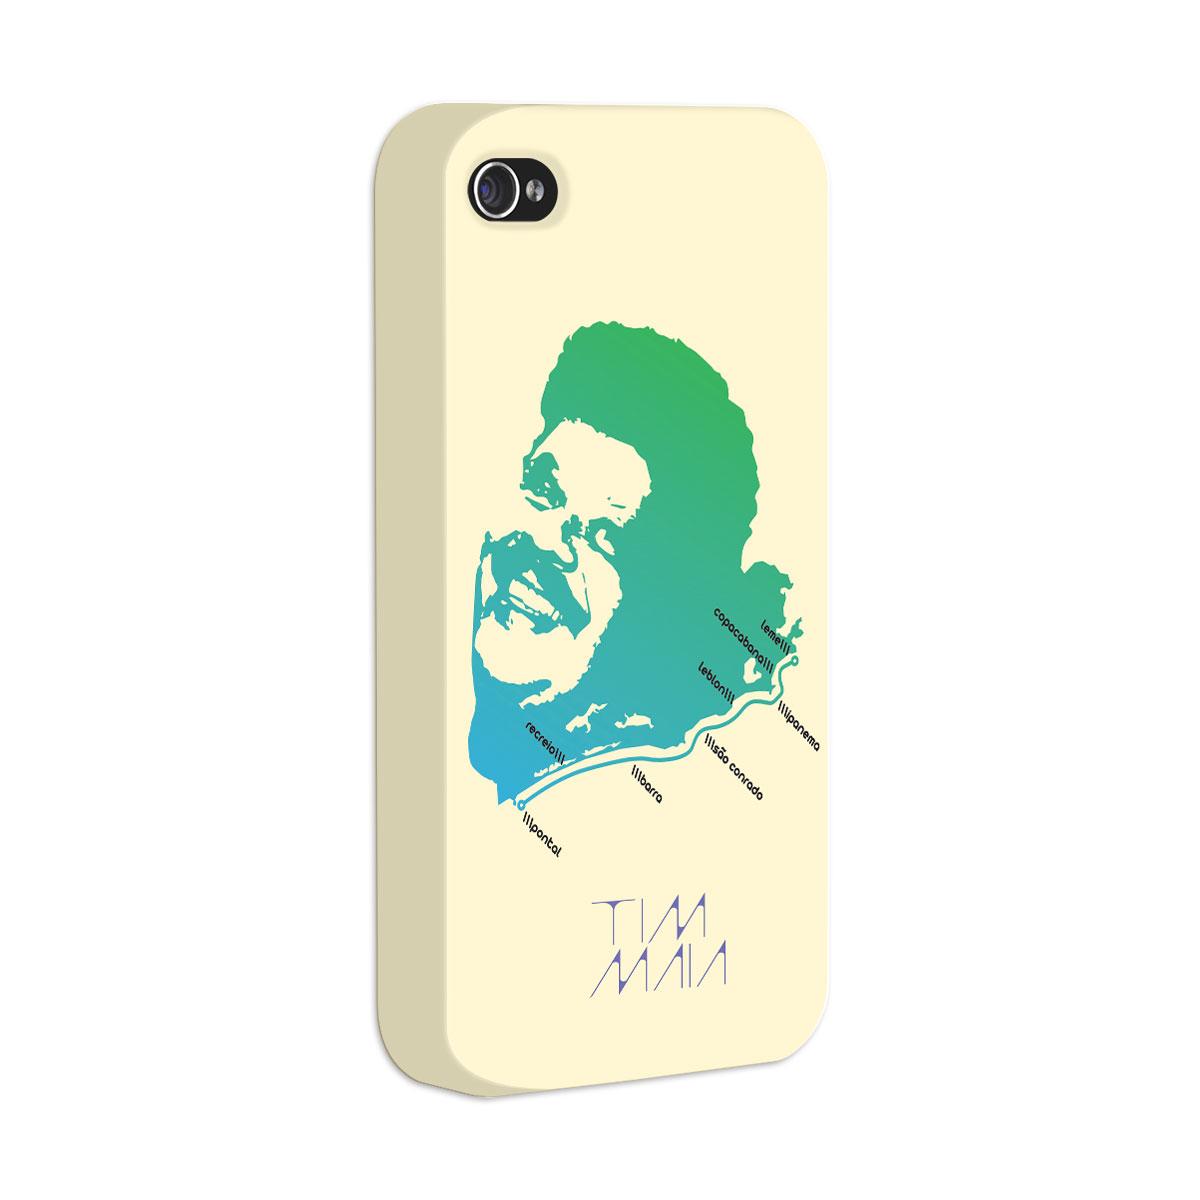 Capa de iPhone 4/4S Tim Maia O Rio de Janeiro Continua Lindo